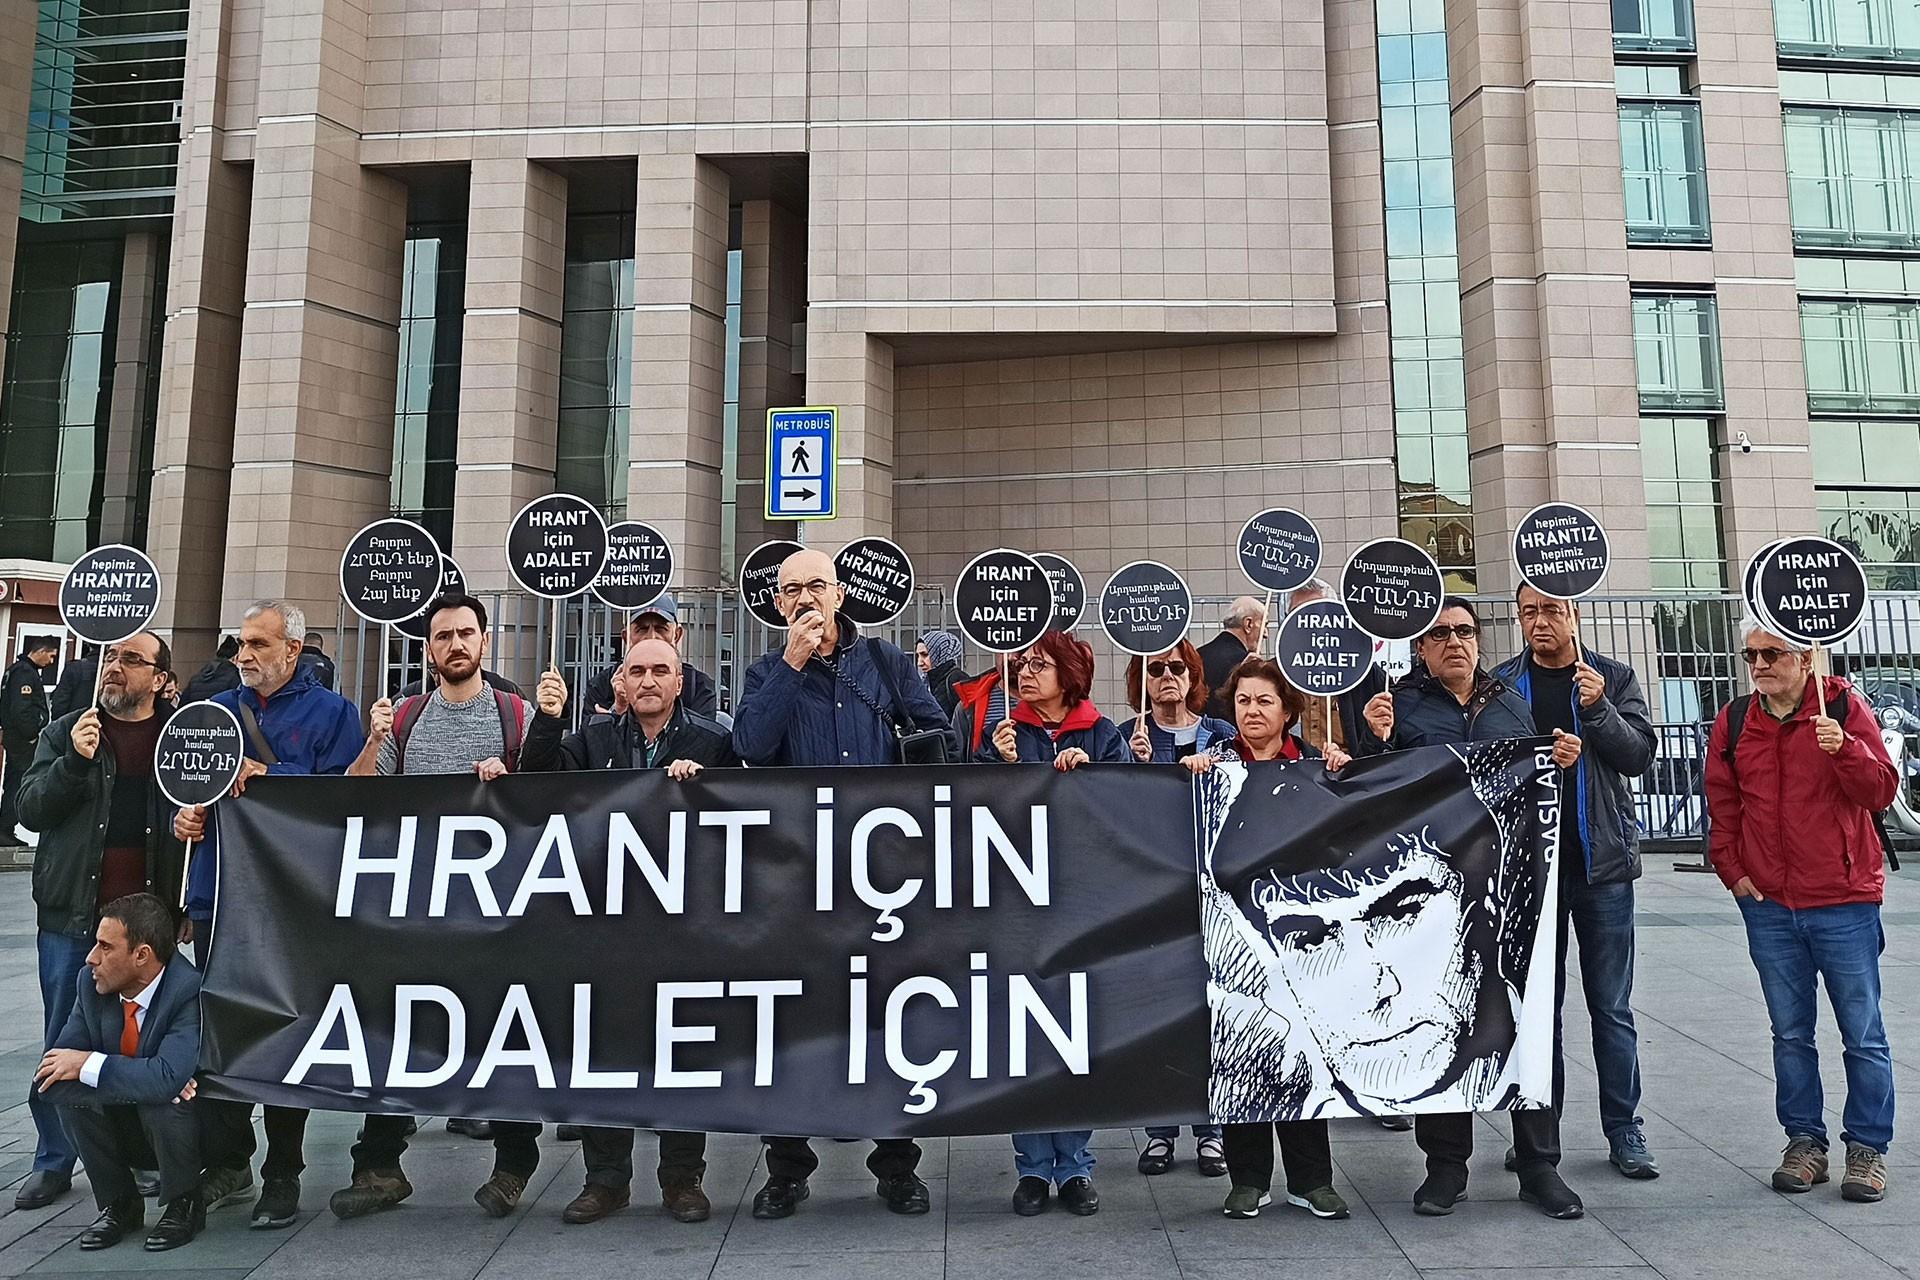 Hrant Dink davası öncesi yapılan basın açıklaması